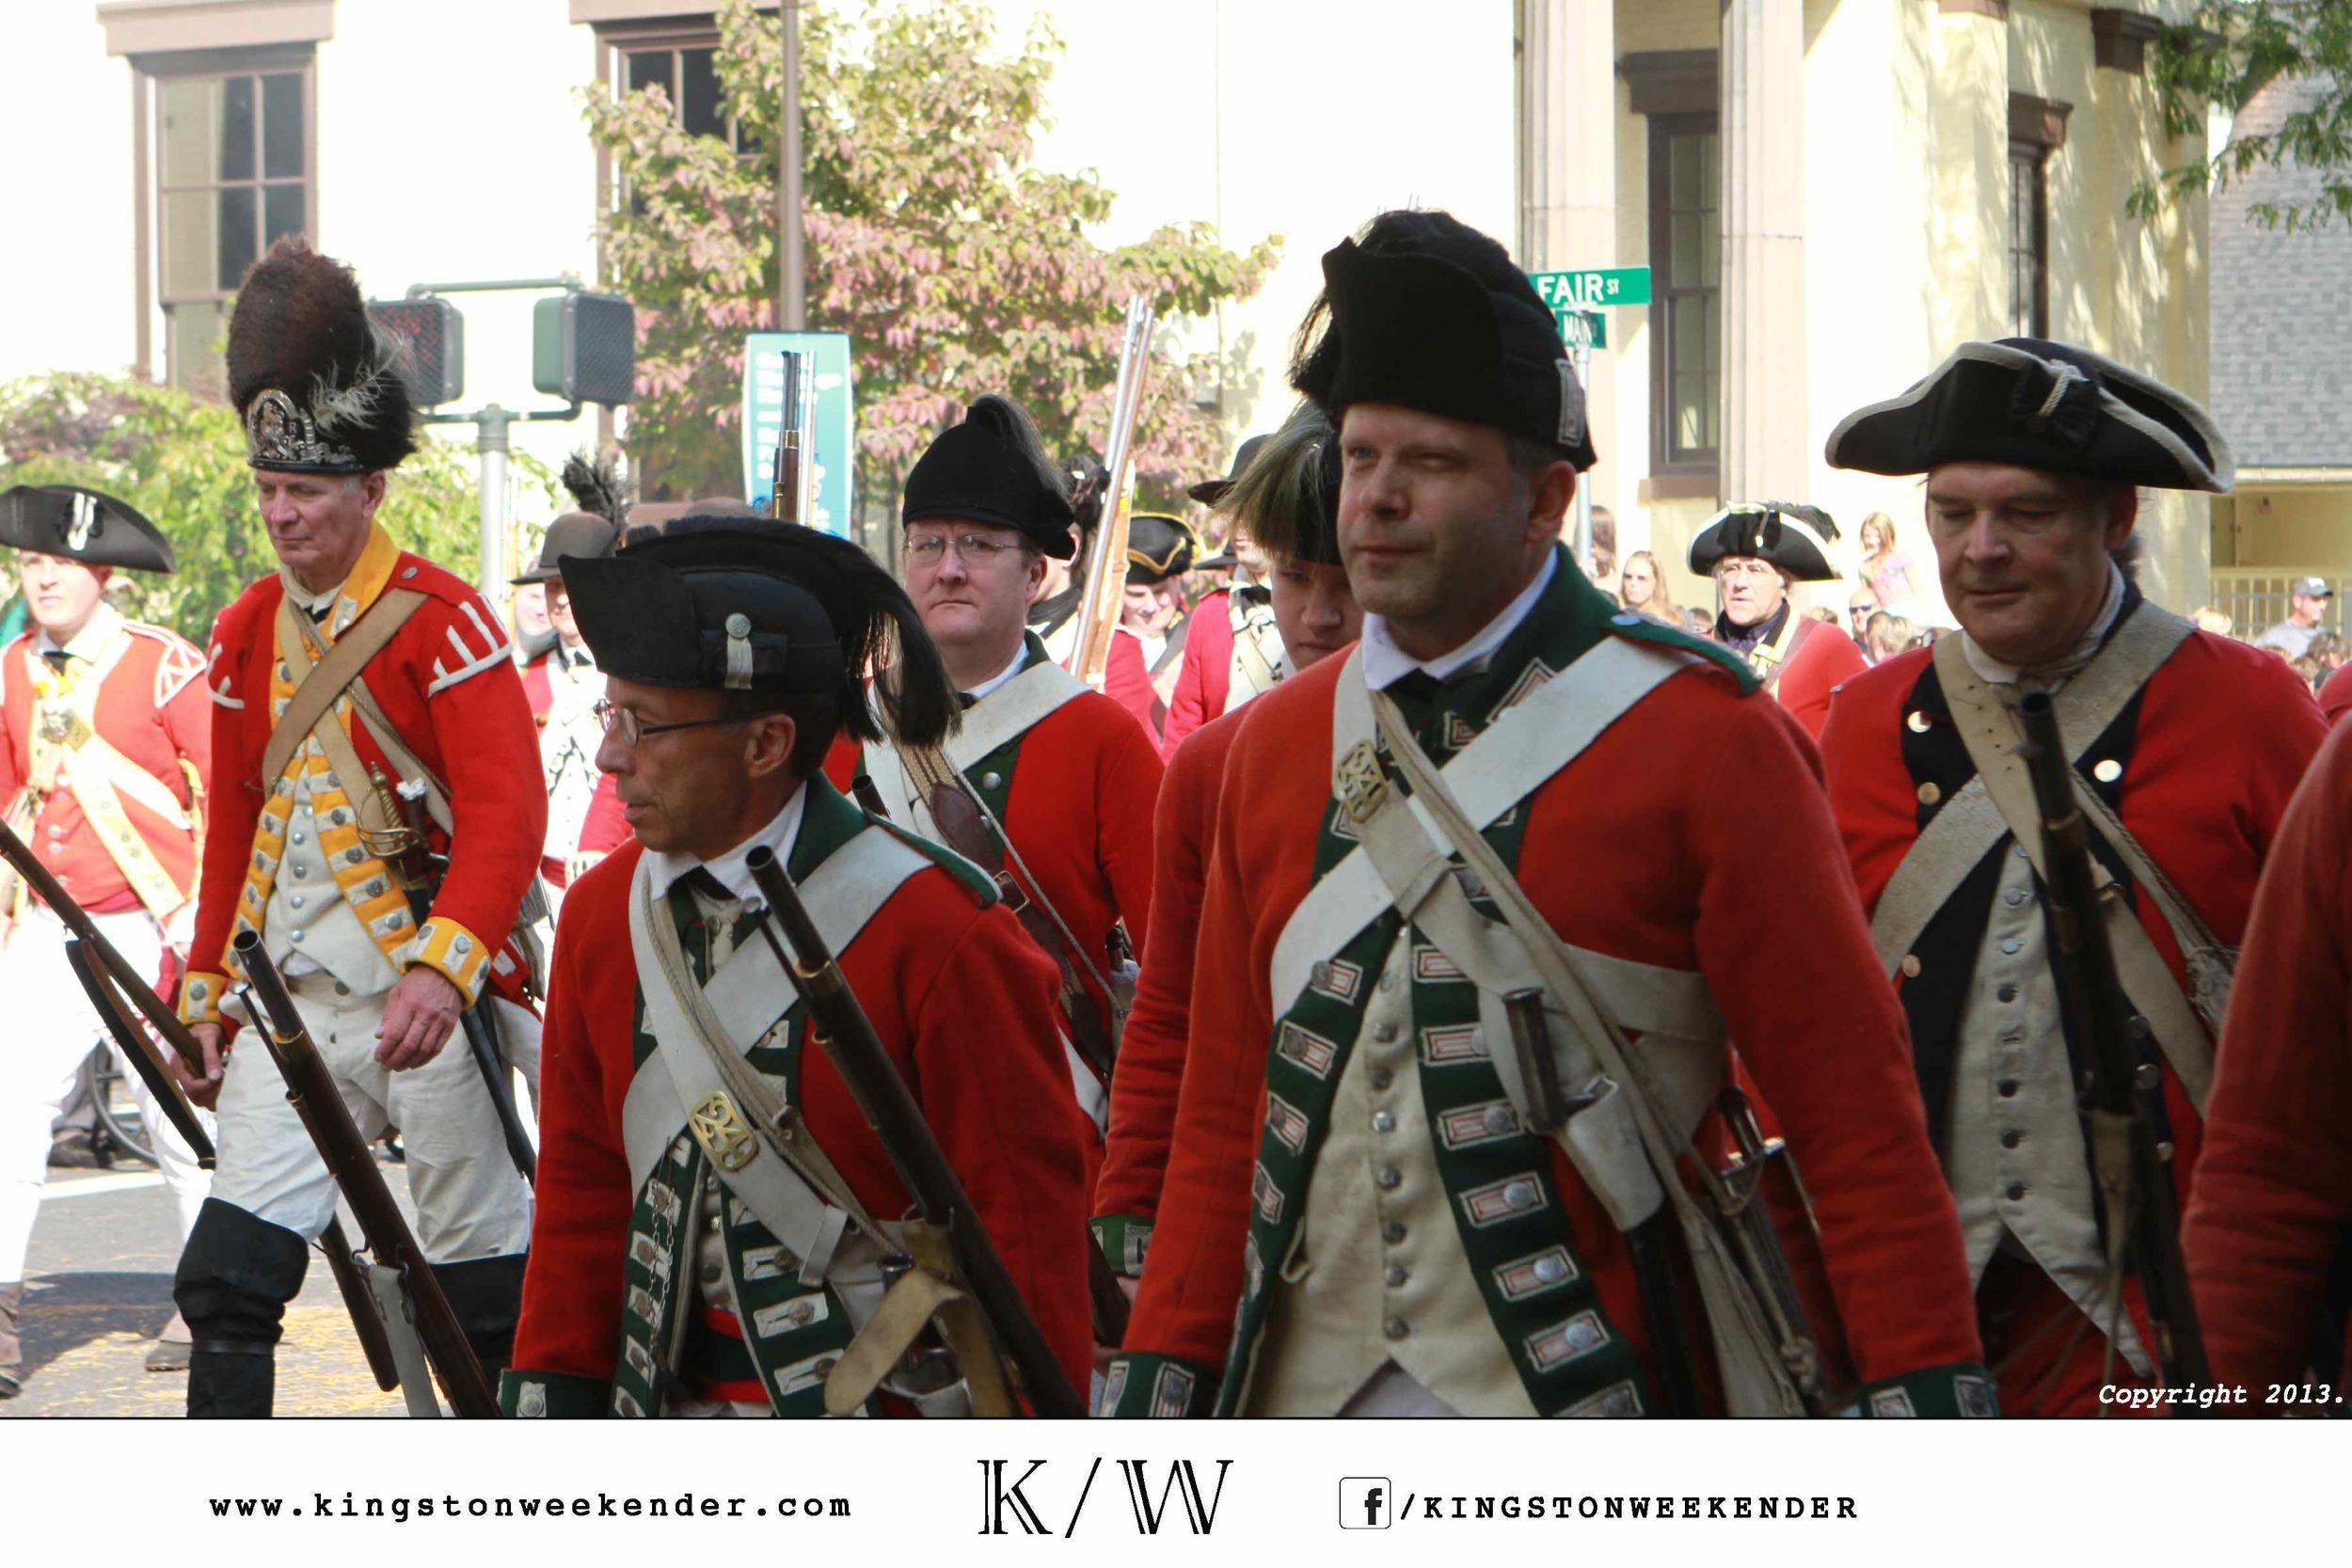 kingston-weekender-photo-credits20.jpg